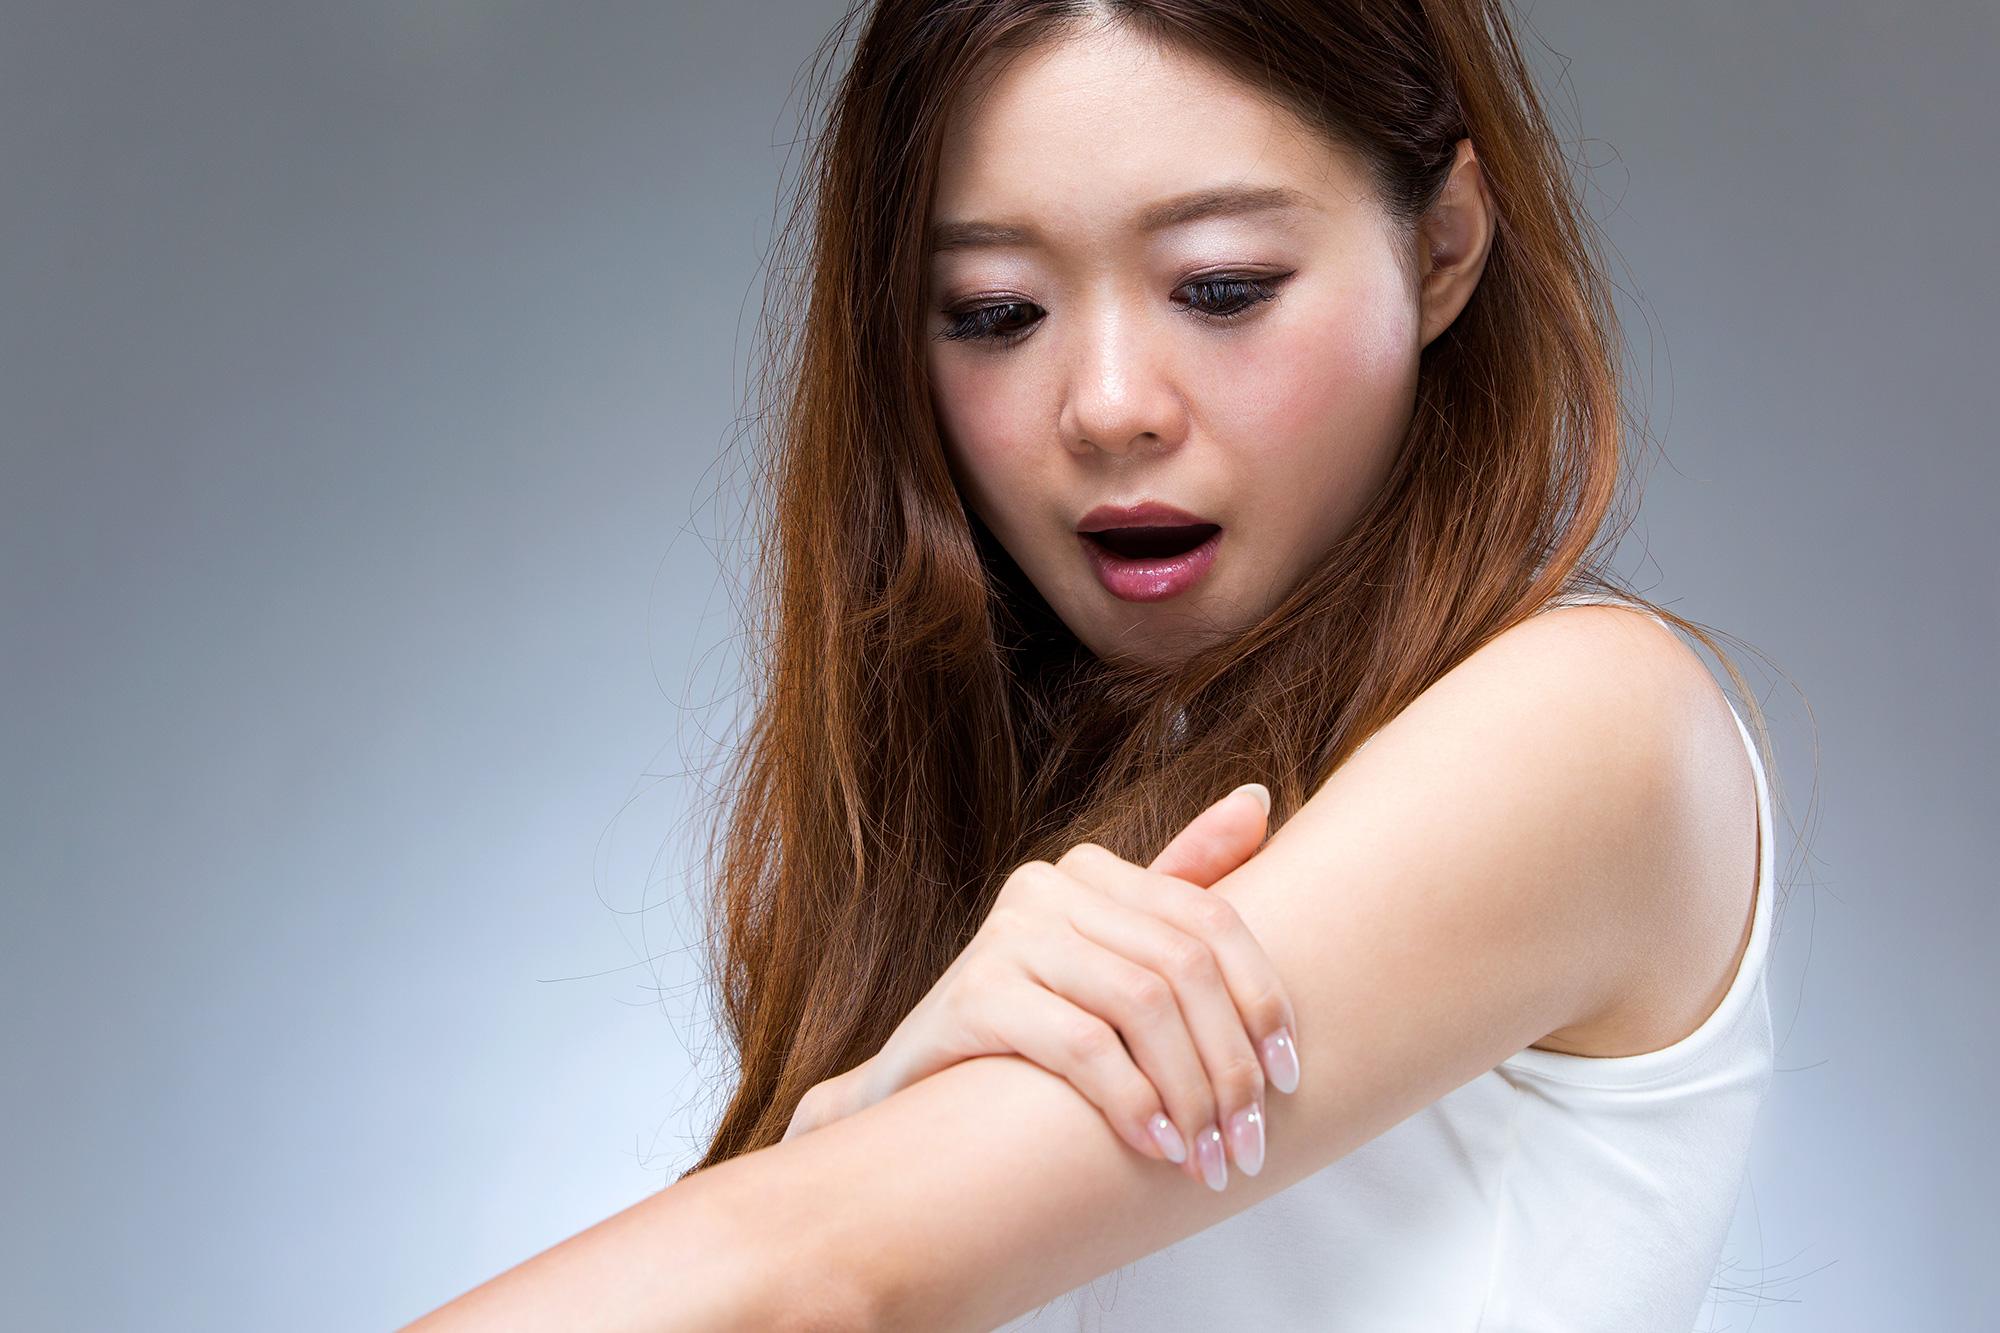 【医師監修】鳥肌のようなブツブツは乾燥肌が原因?疑われる皮膚のトラブルについて解説